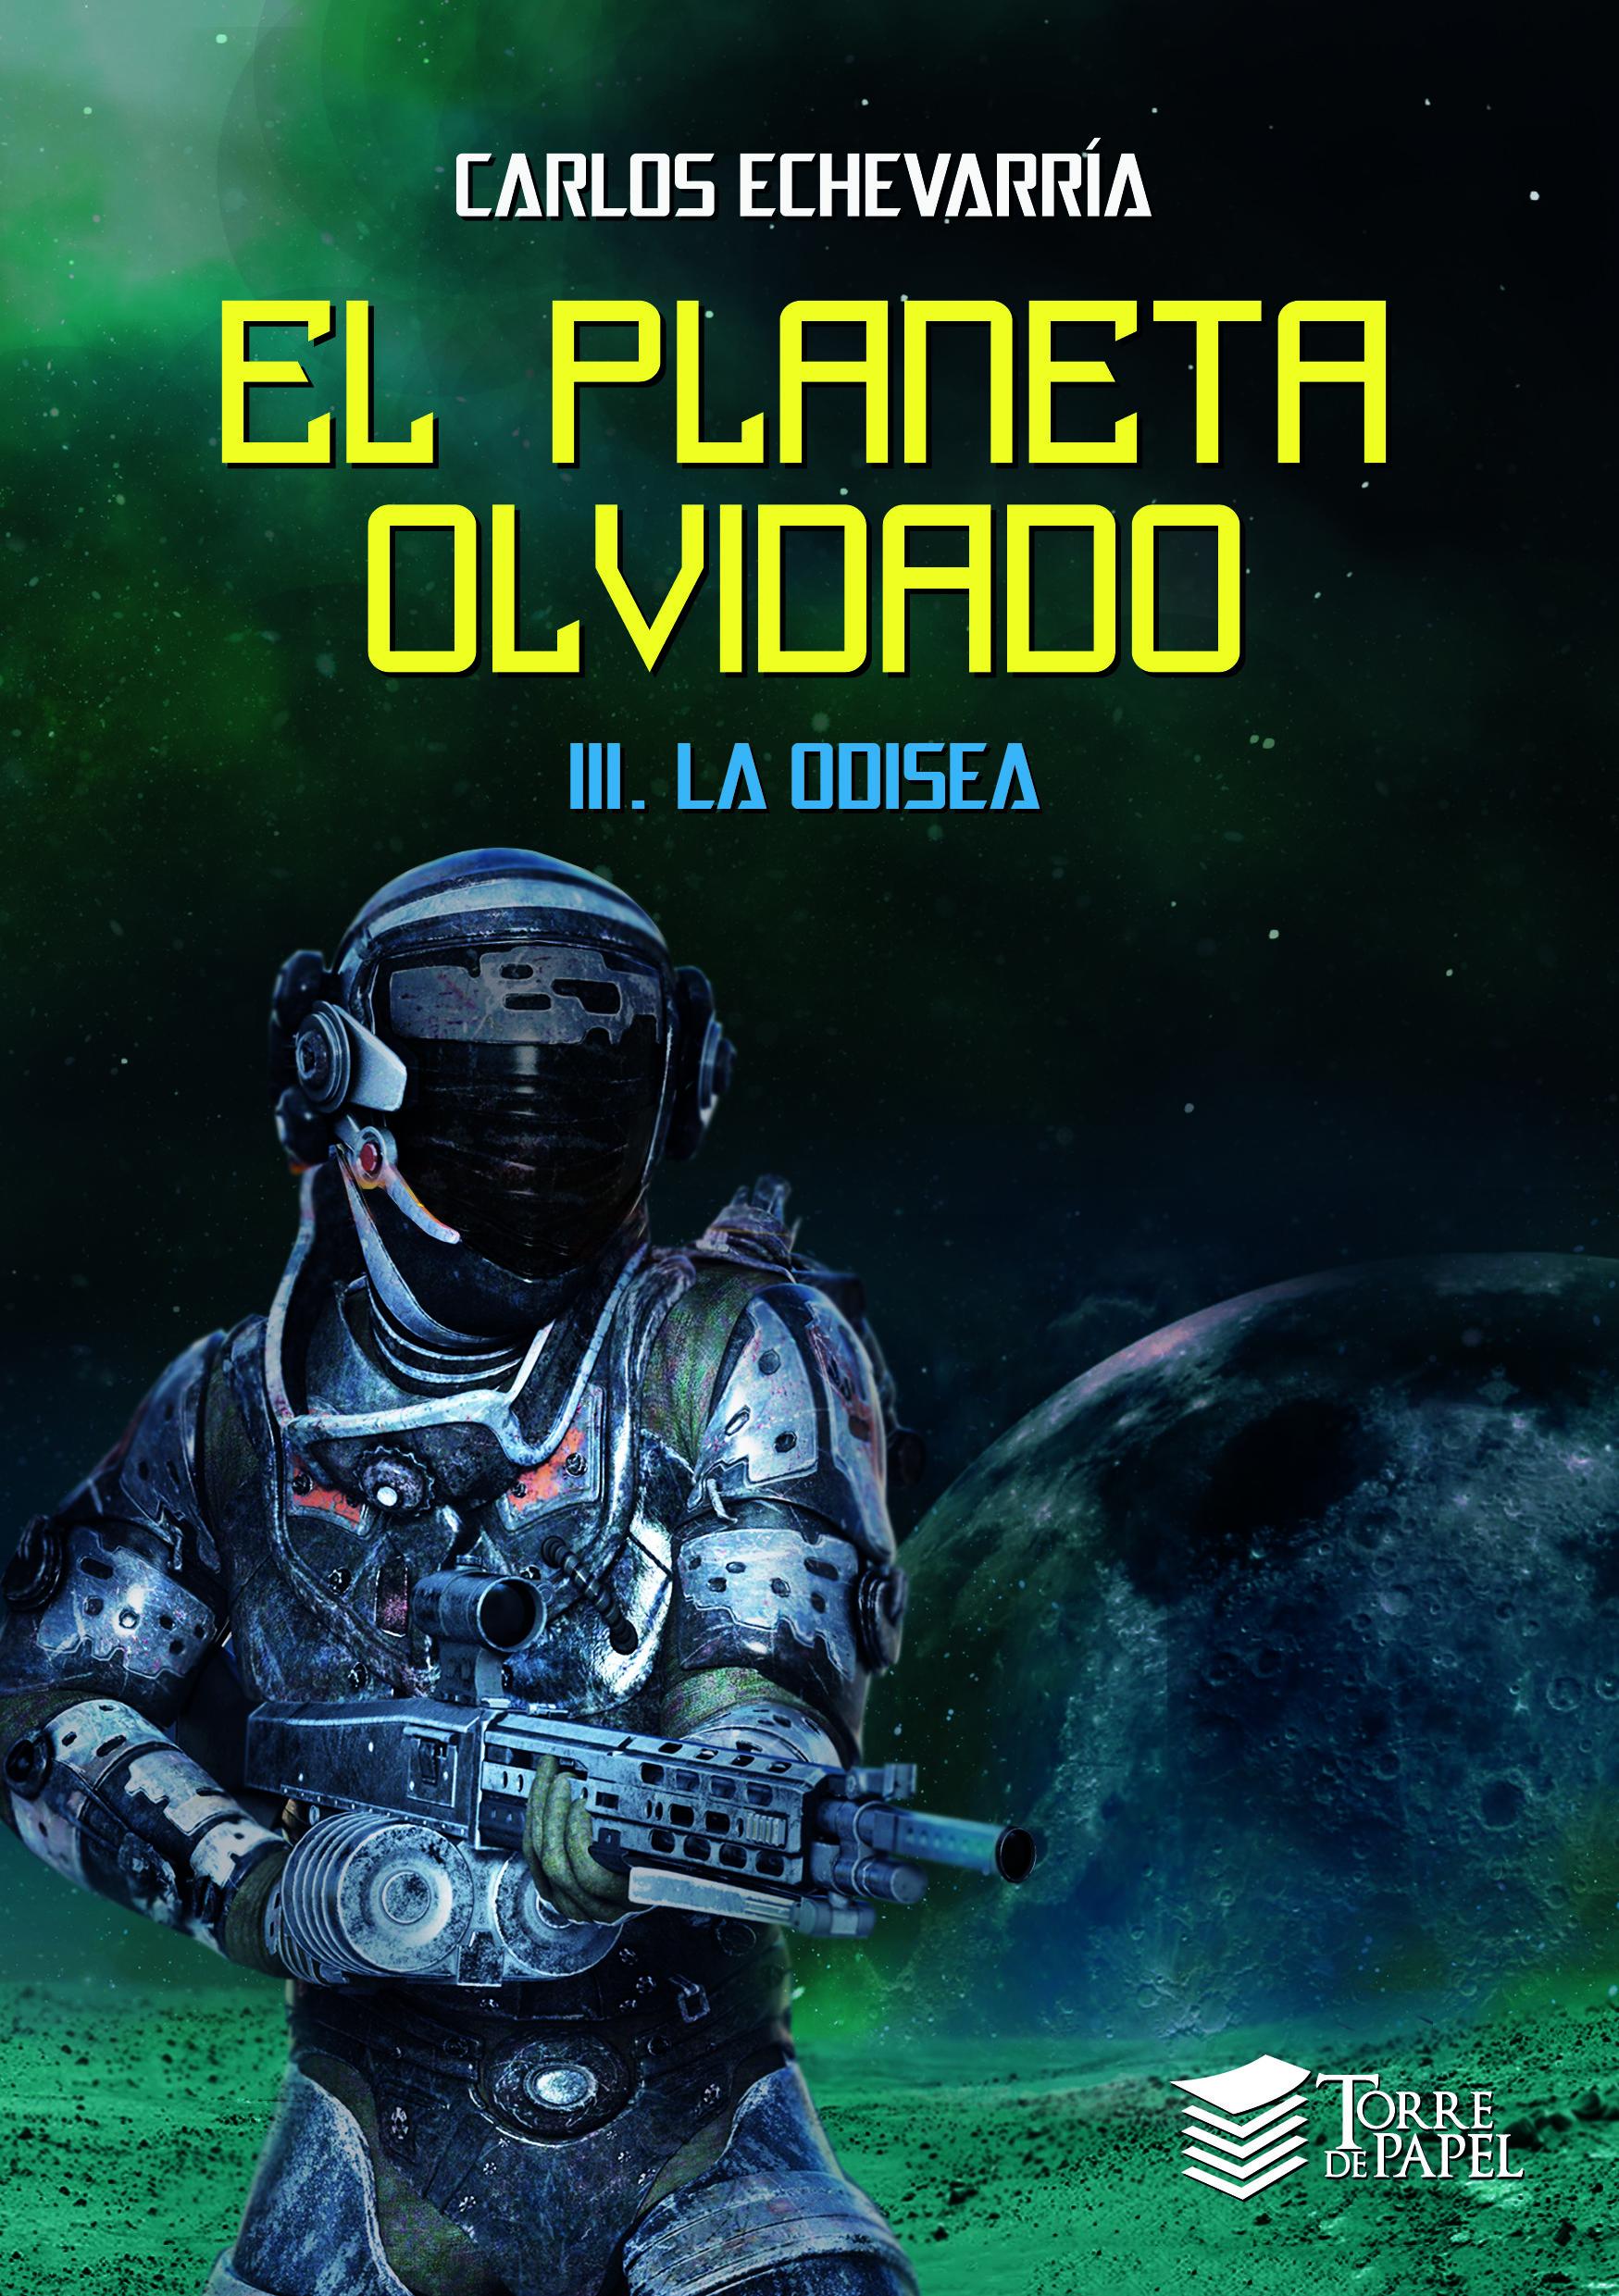 El planeta olvidado III. La odisea